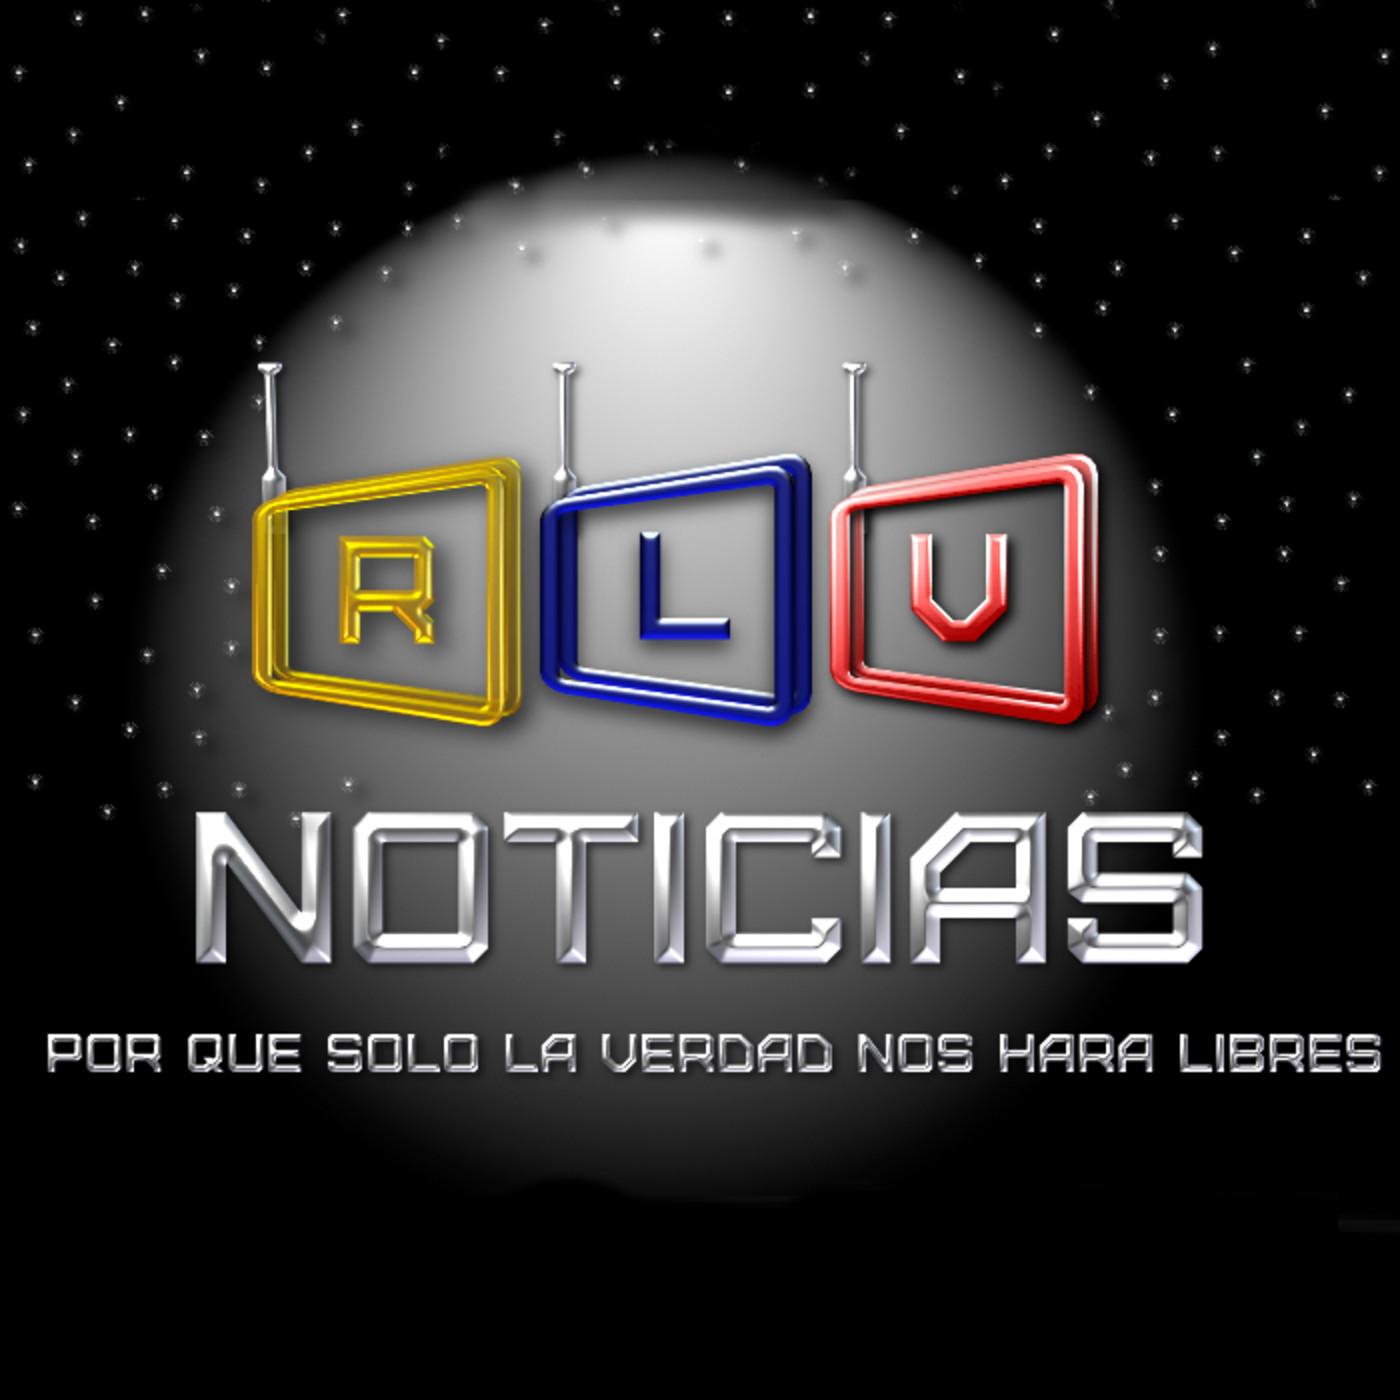 Noticias rlv 13-06-2017